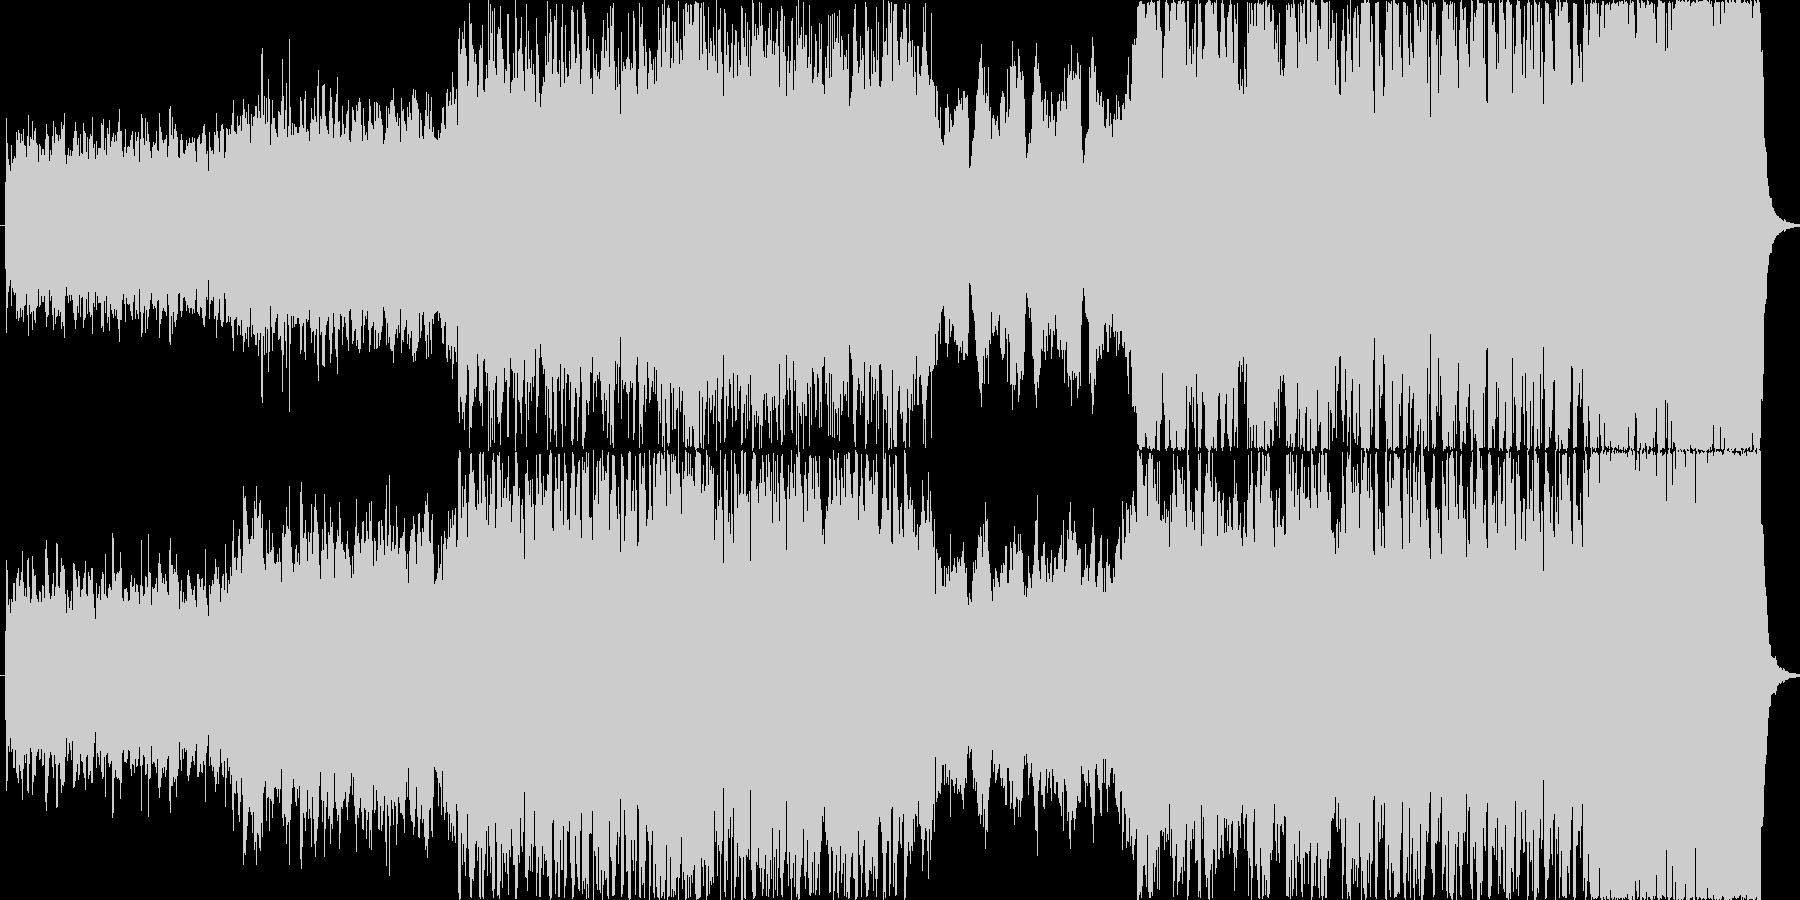 ハリウッドテイストな躍動感ある曲の未再生の波形